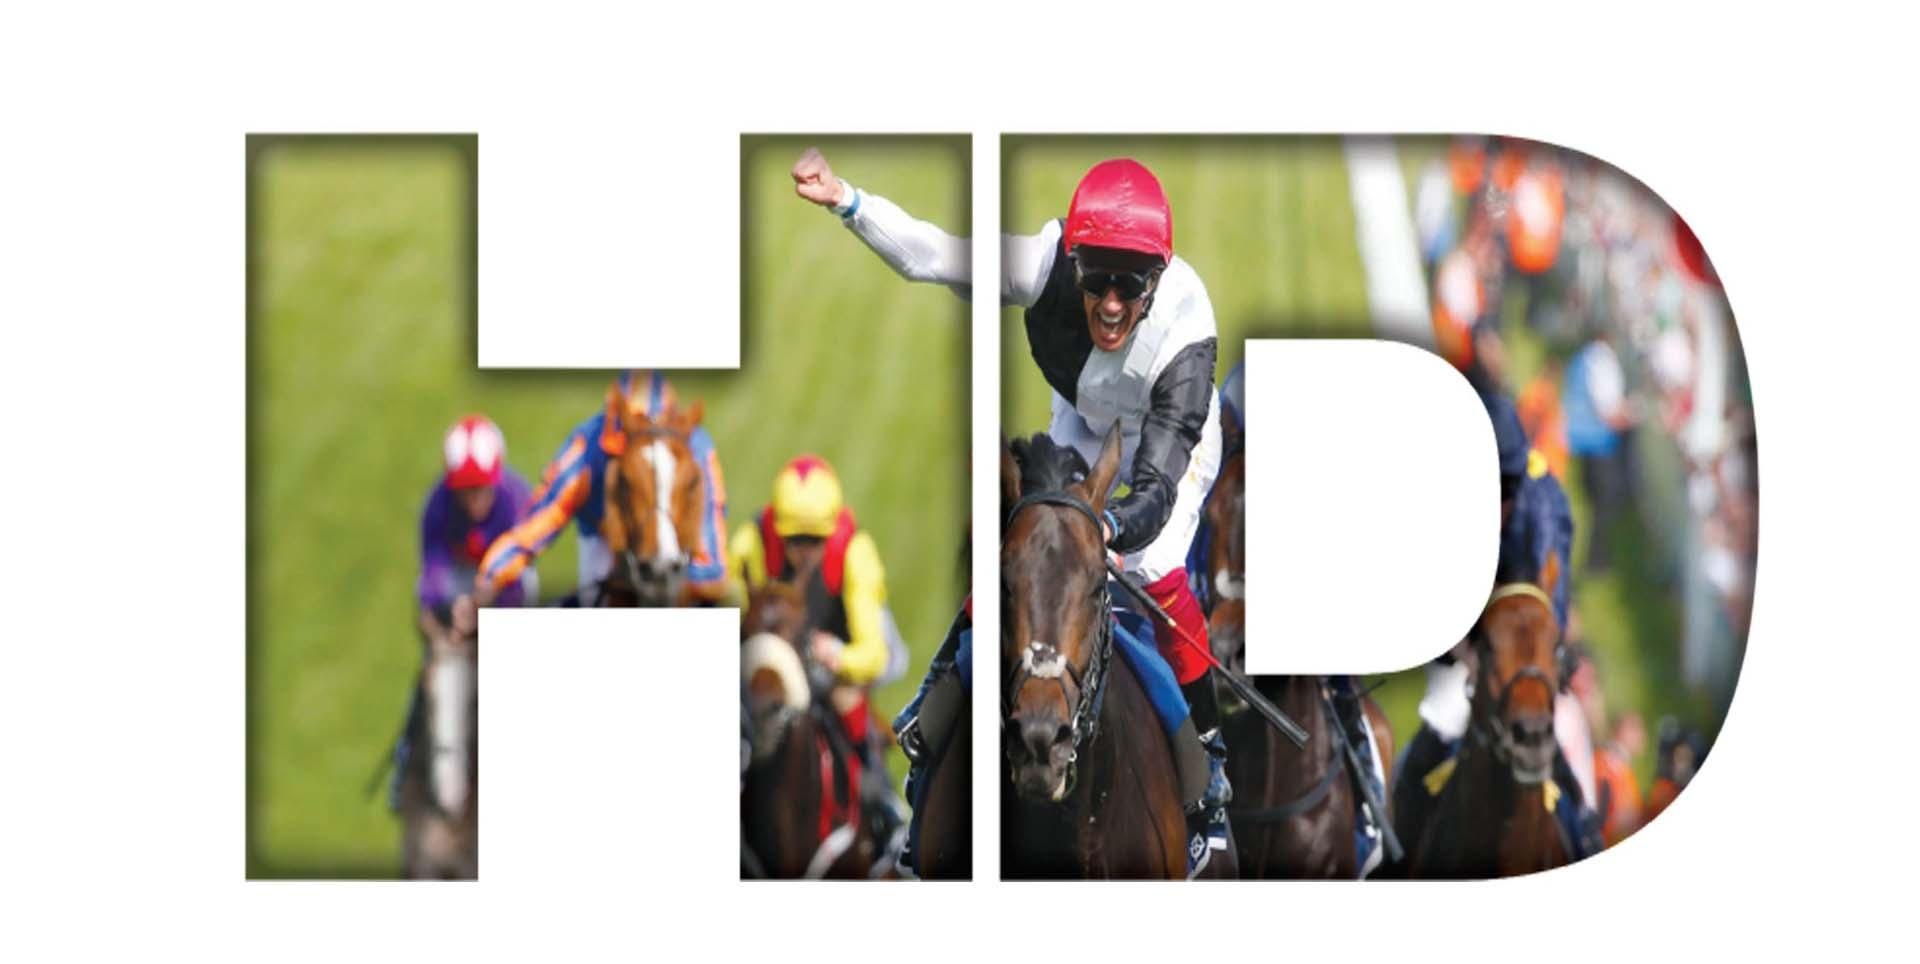 Kempton Horse Race Live